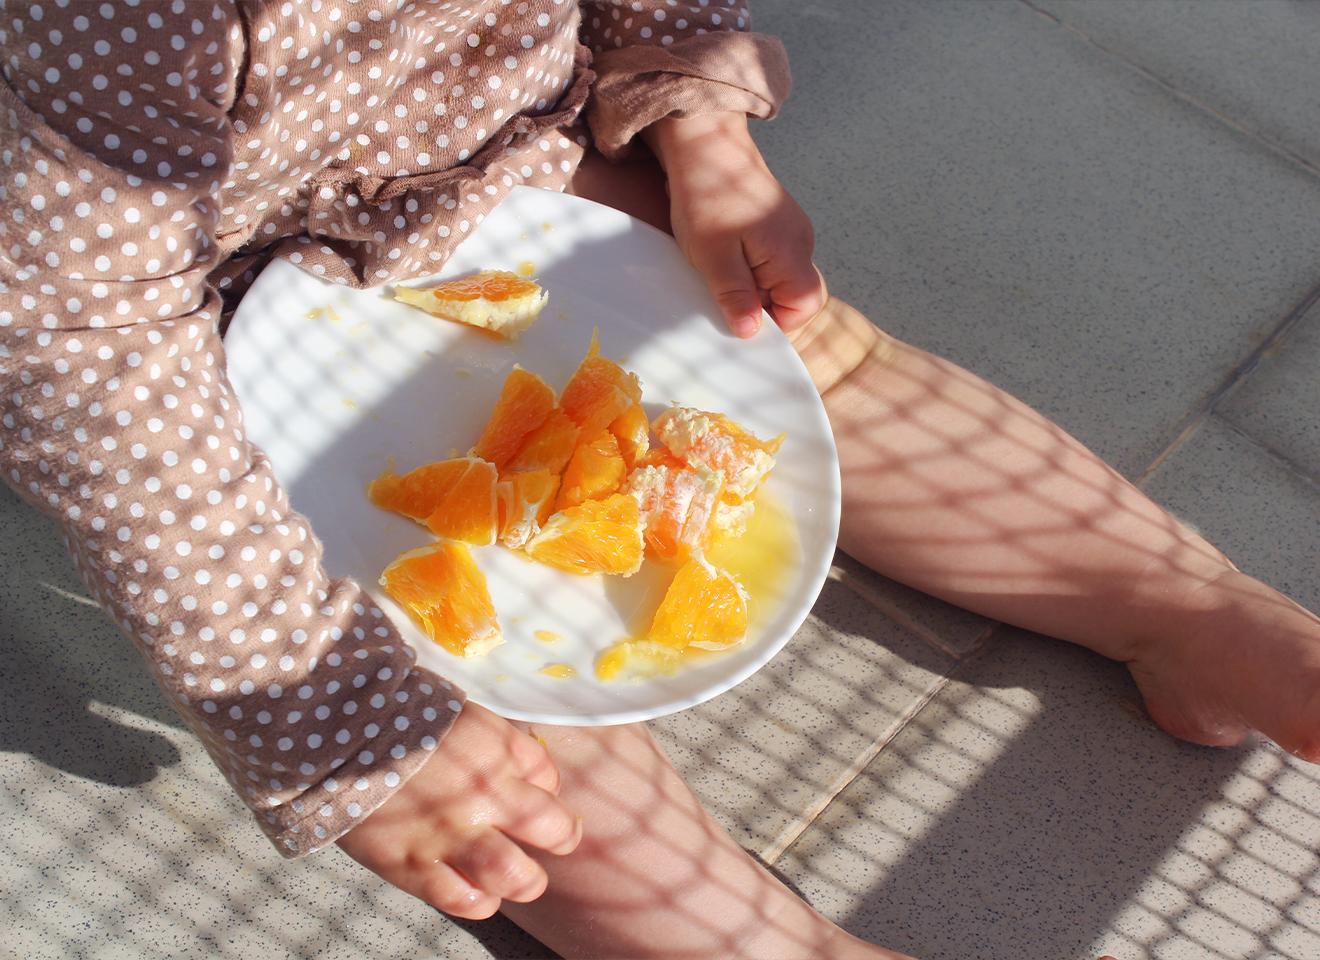 Bé ăn dặm: 10 Luật Bất Thành Văn Mẹ Không Thể Bỏ Qua